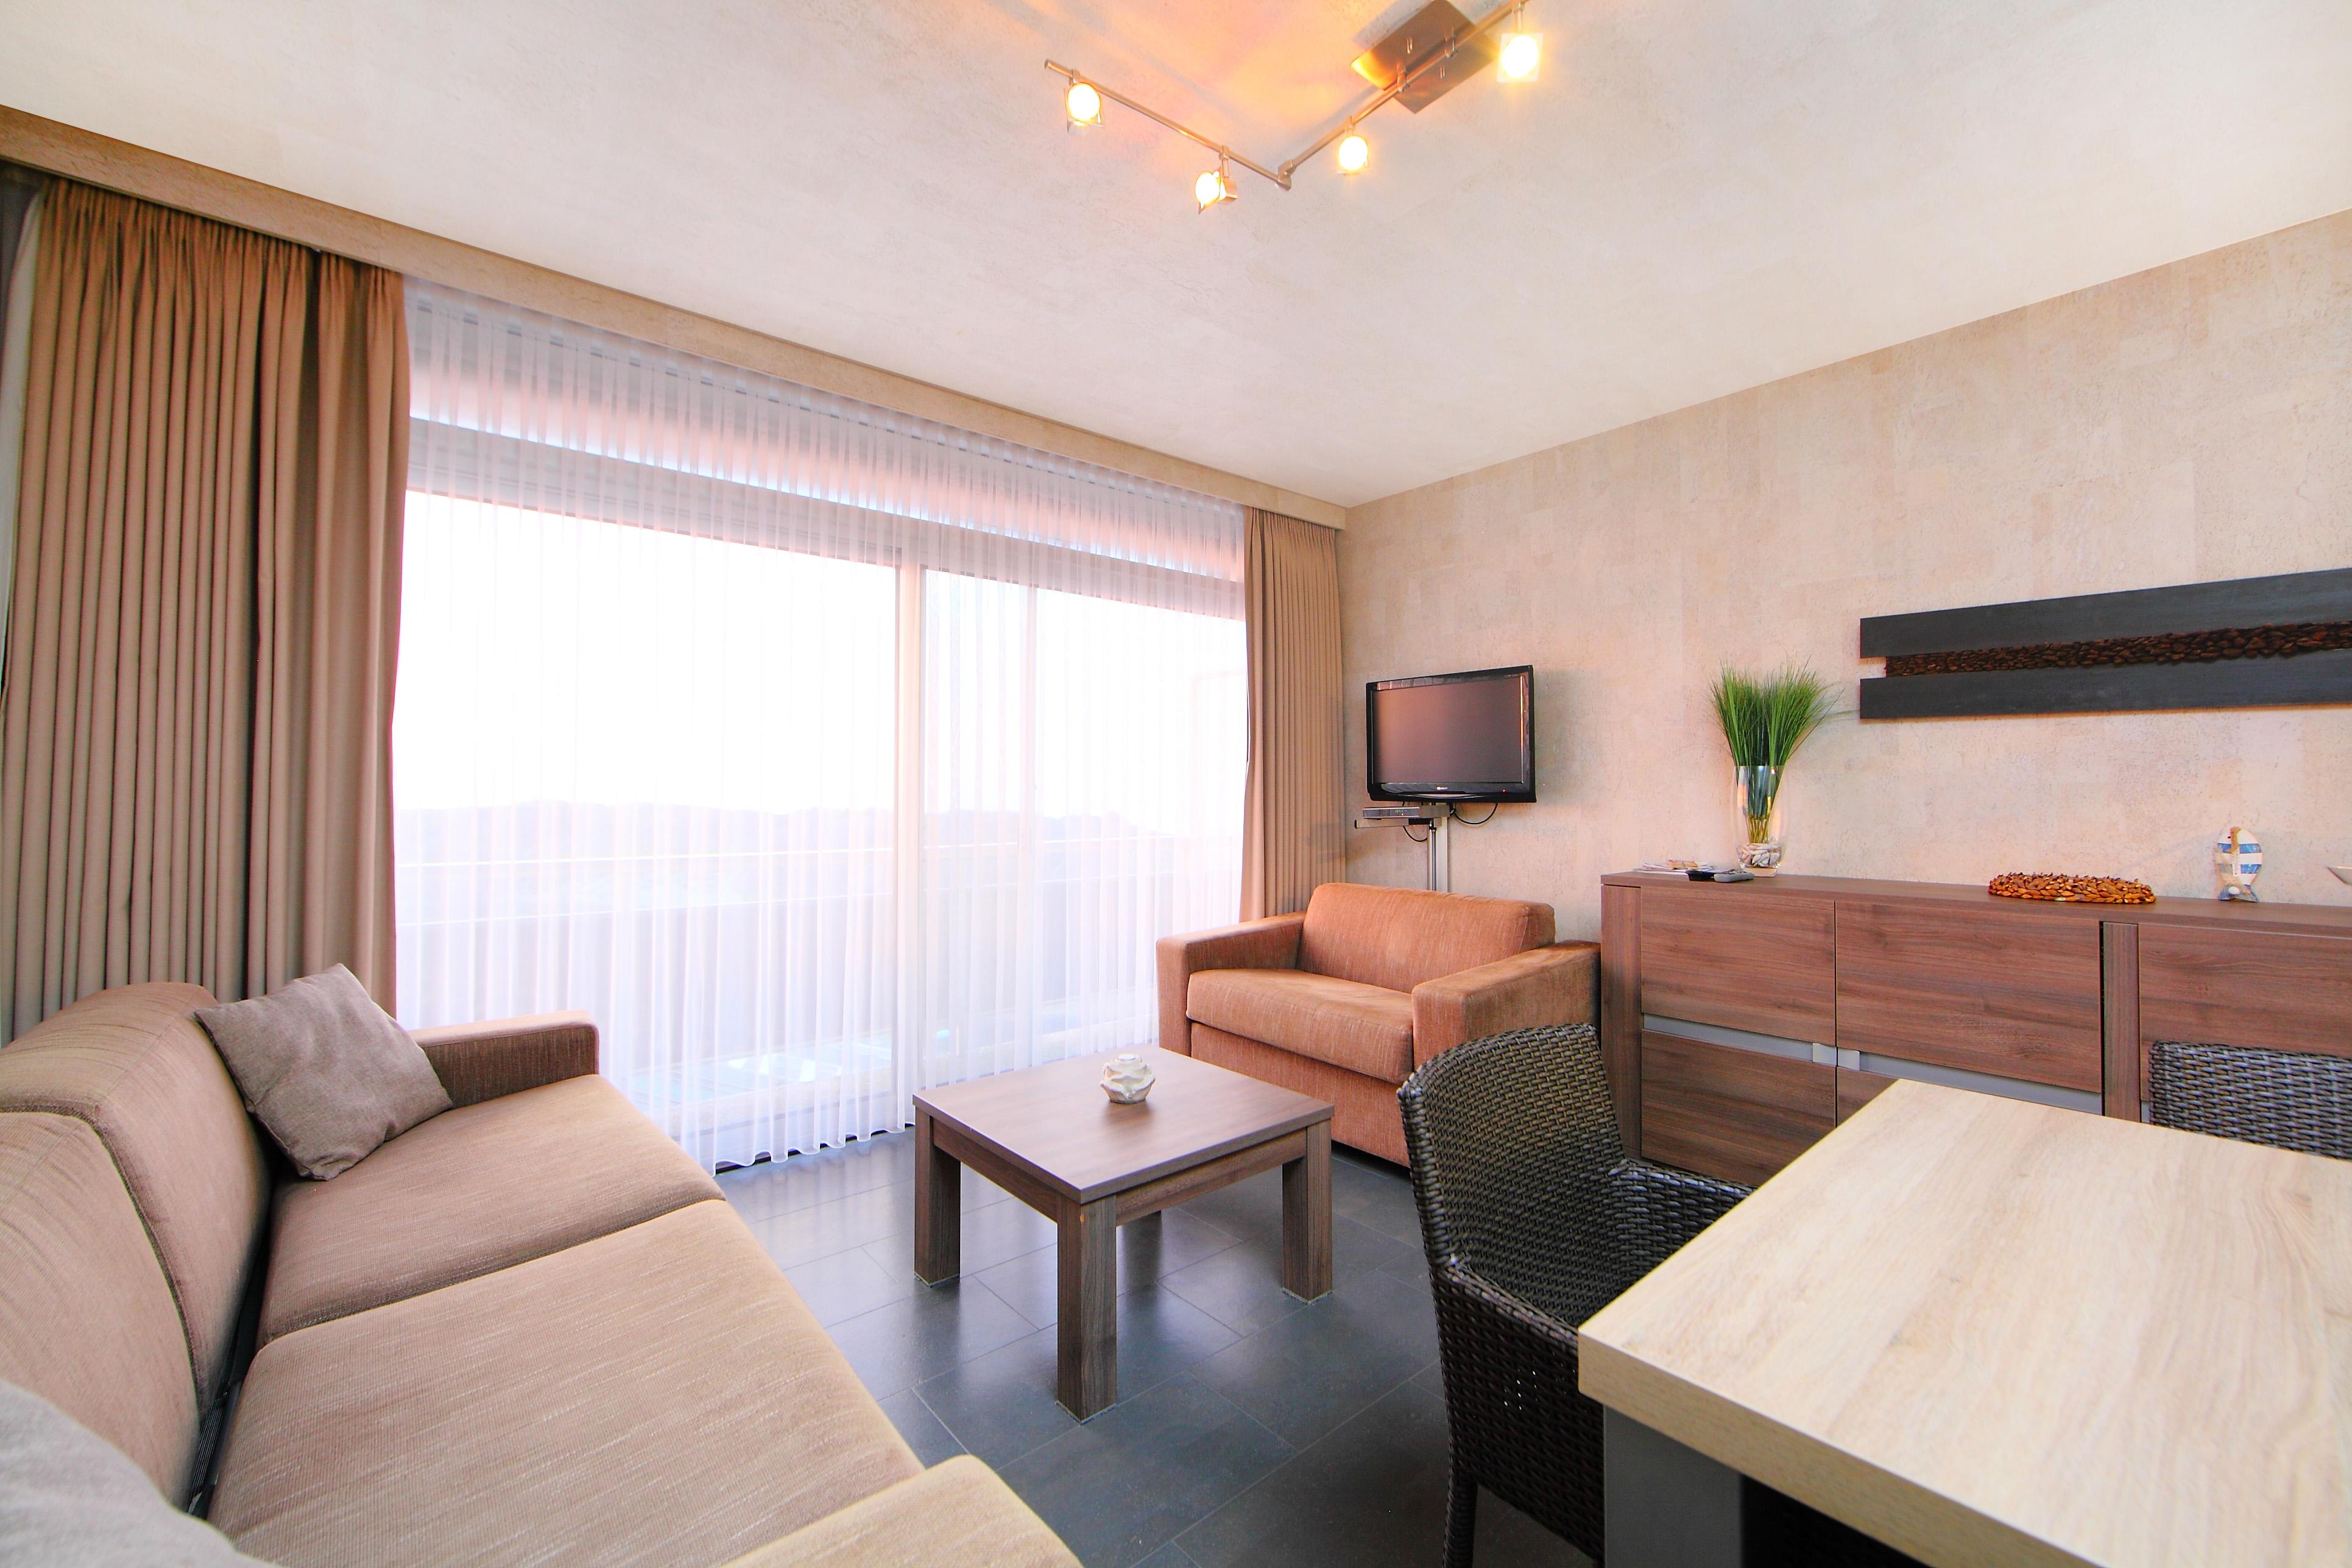 ferienwohnung residentie astrid in bredene belgien interhome. Black Bedroom Furniture Sets. Home Design Ideas